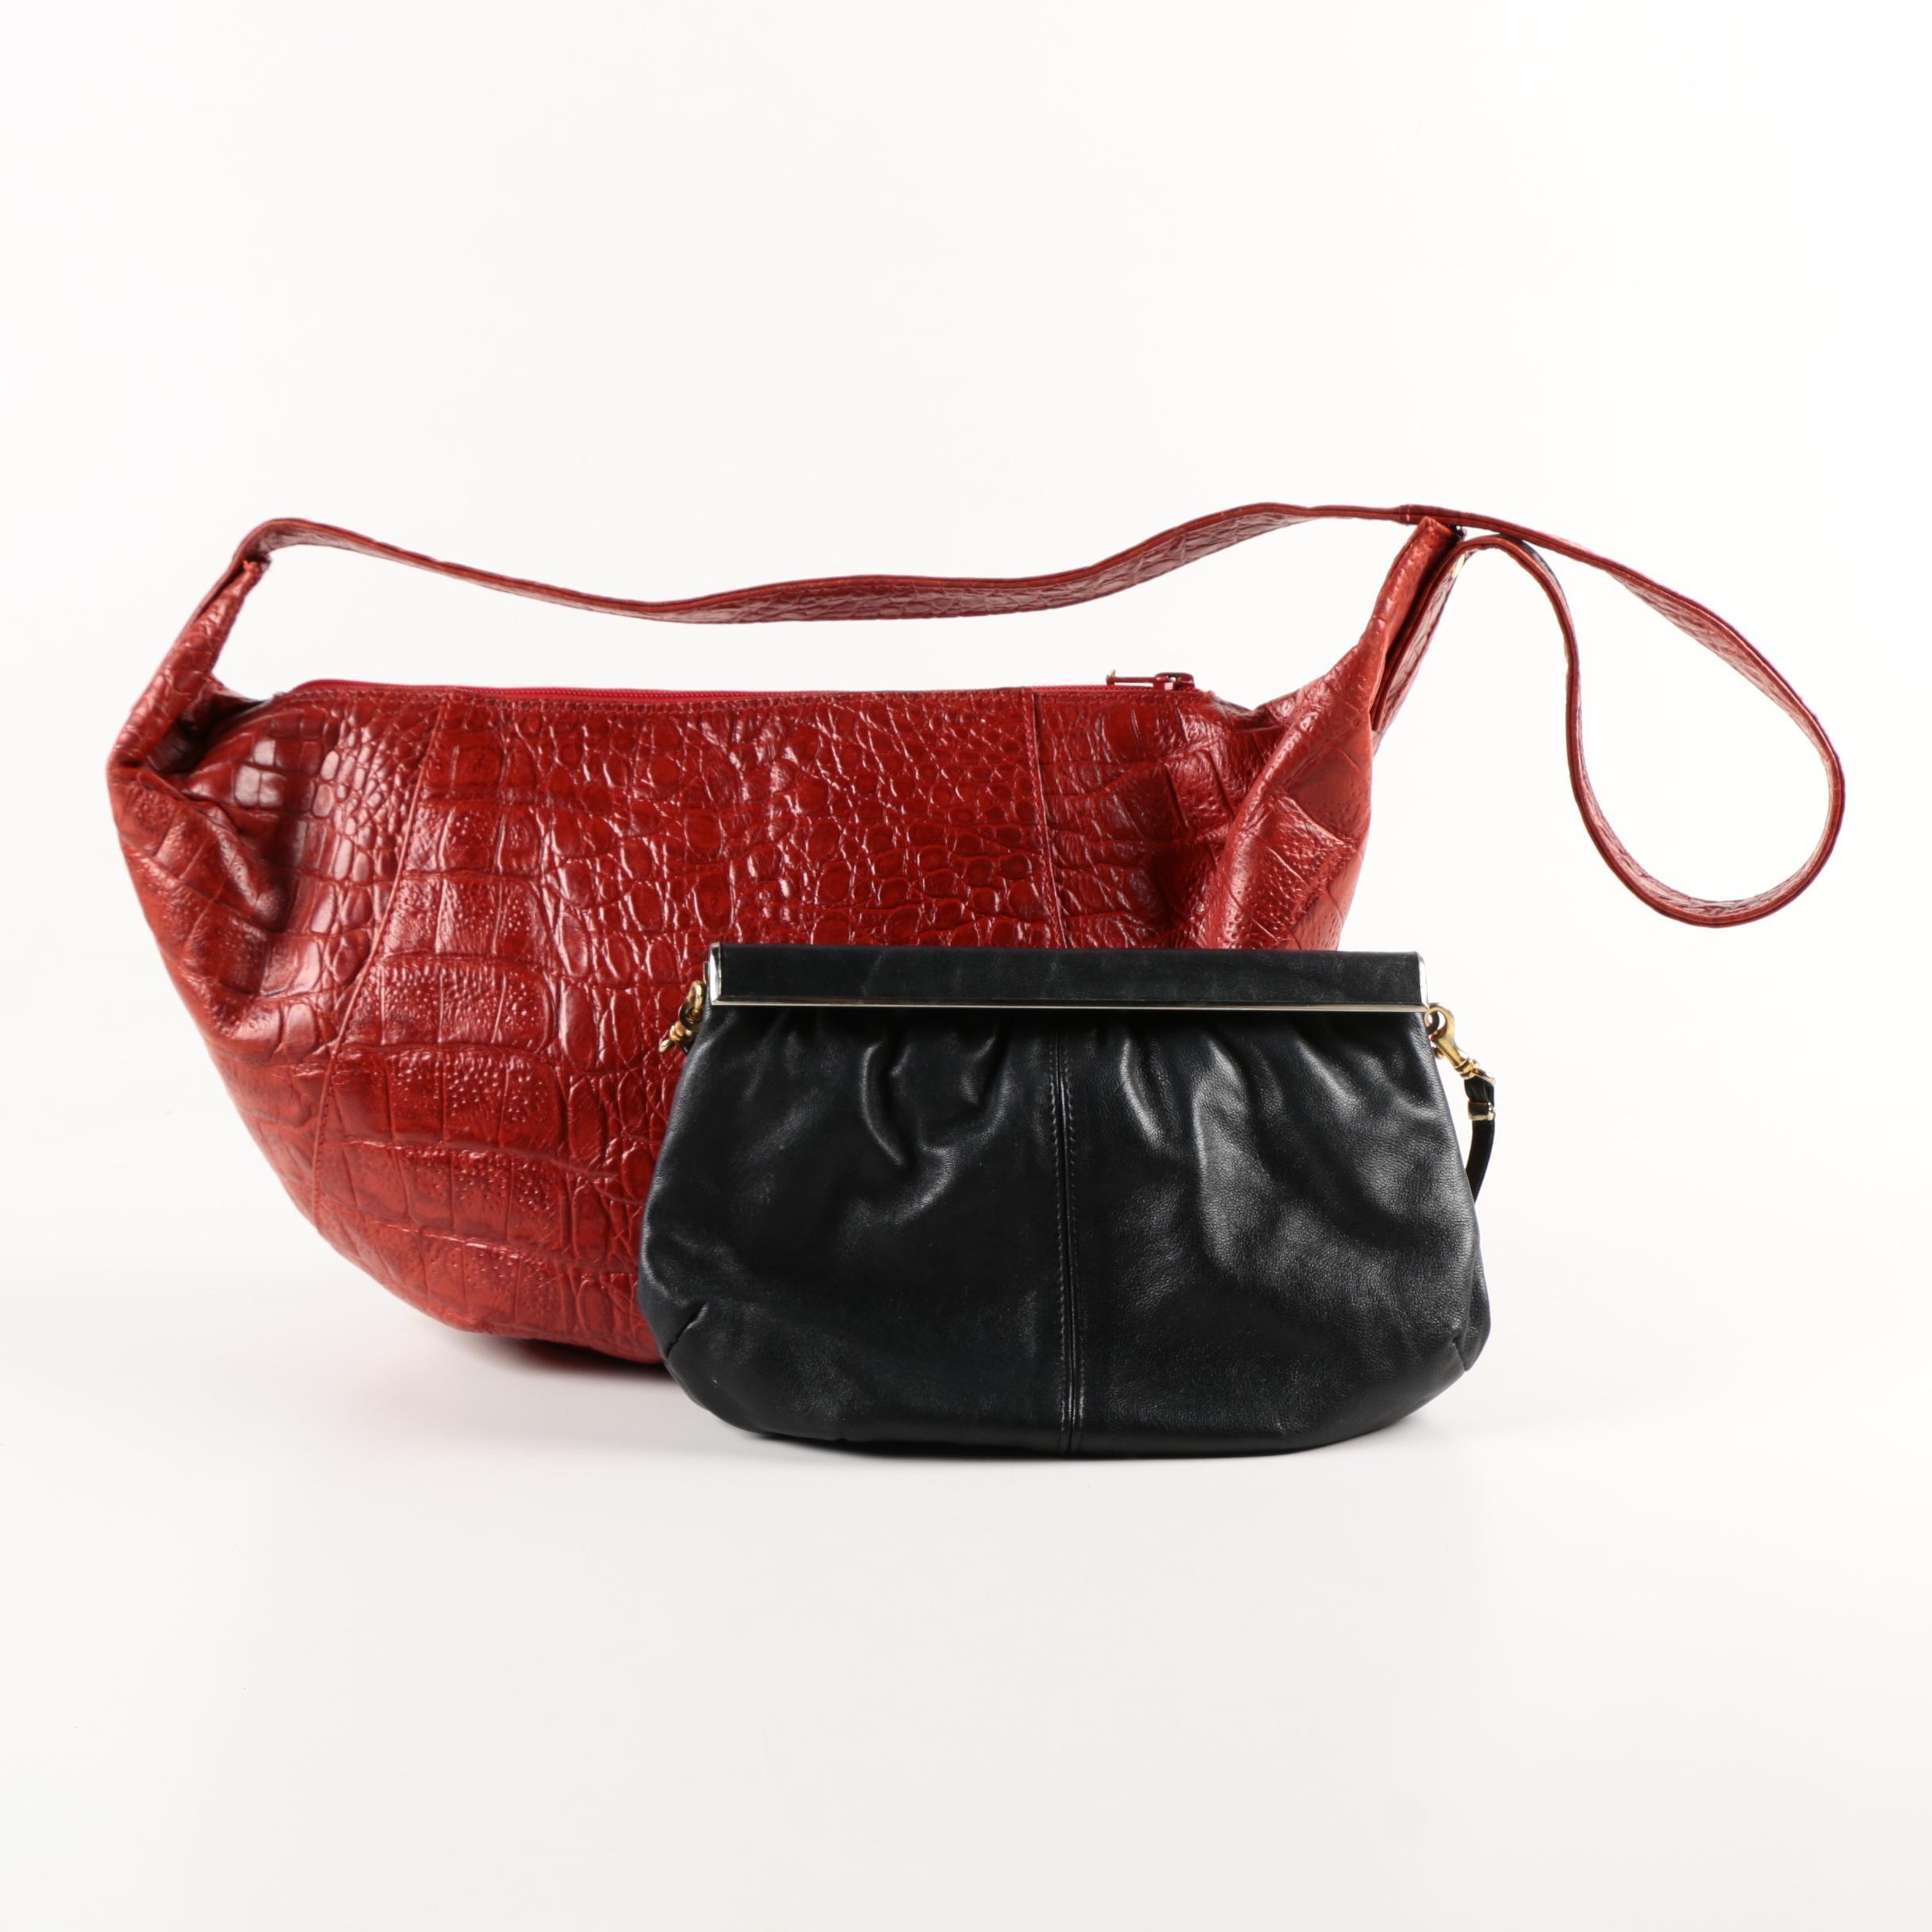 Italian Made Leather Shoulder Bag